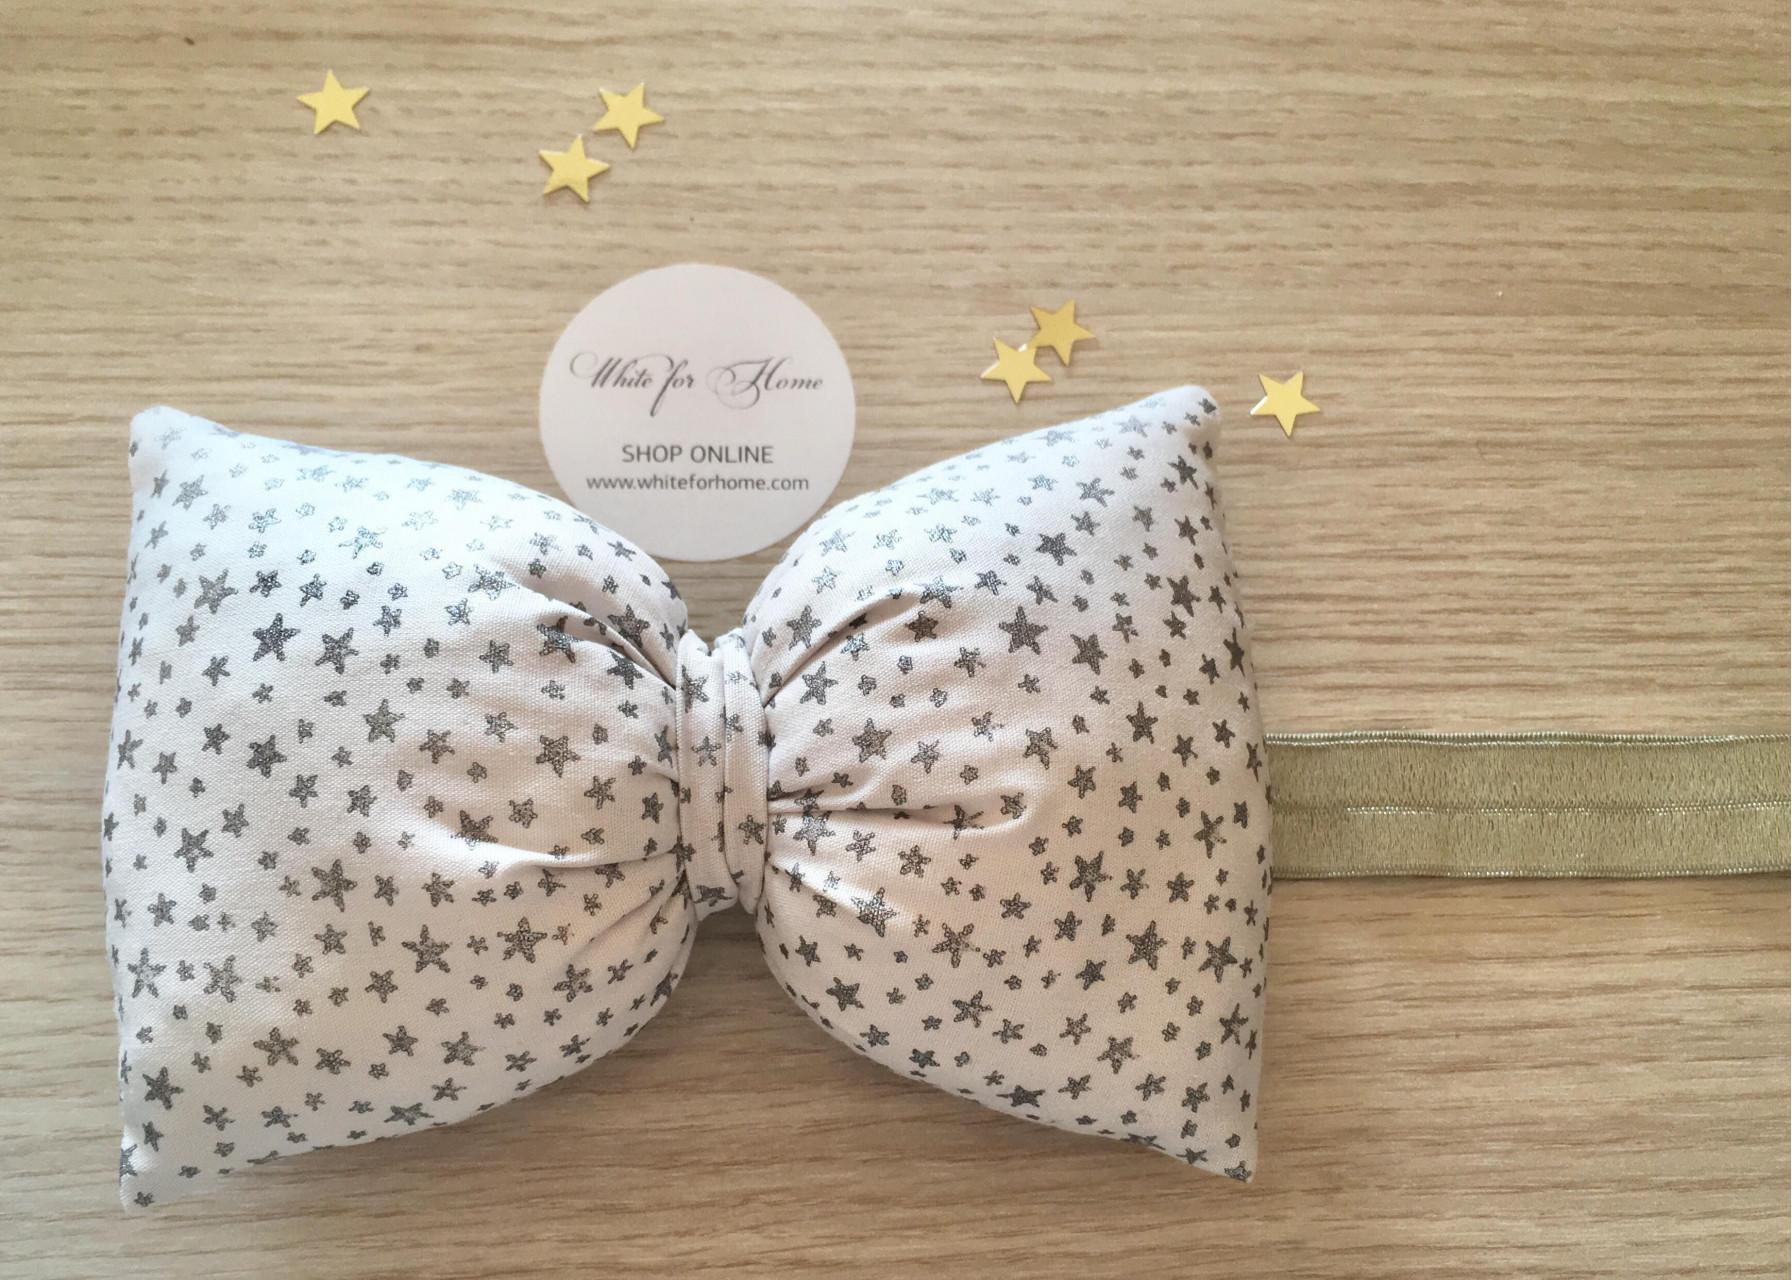 Κορδέλα μαλλιών / Φιόγκος ασημί αστέρια